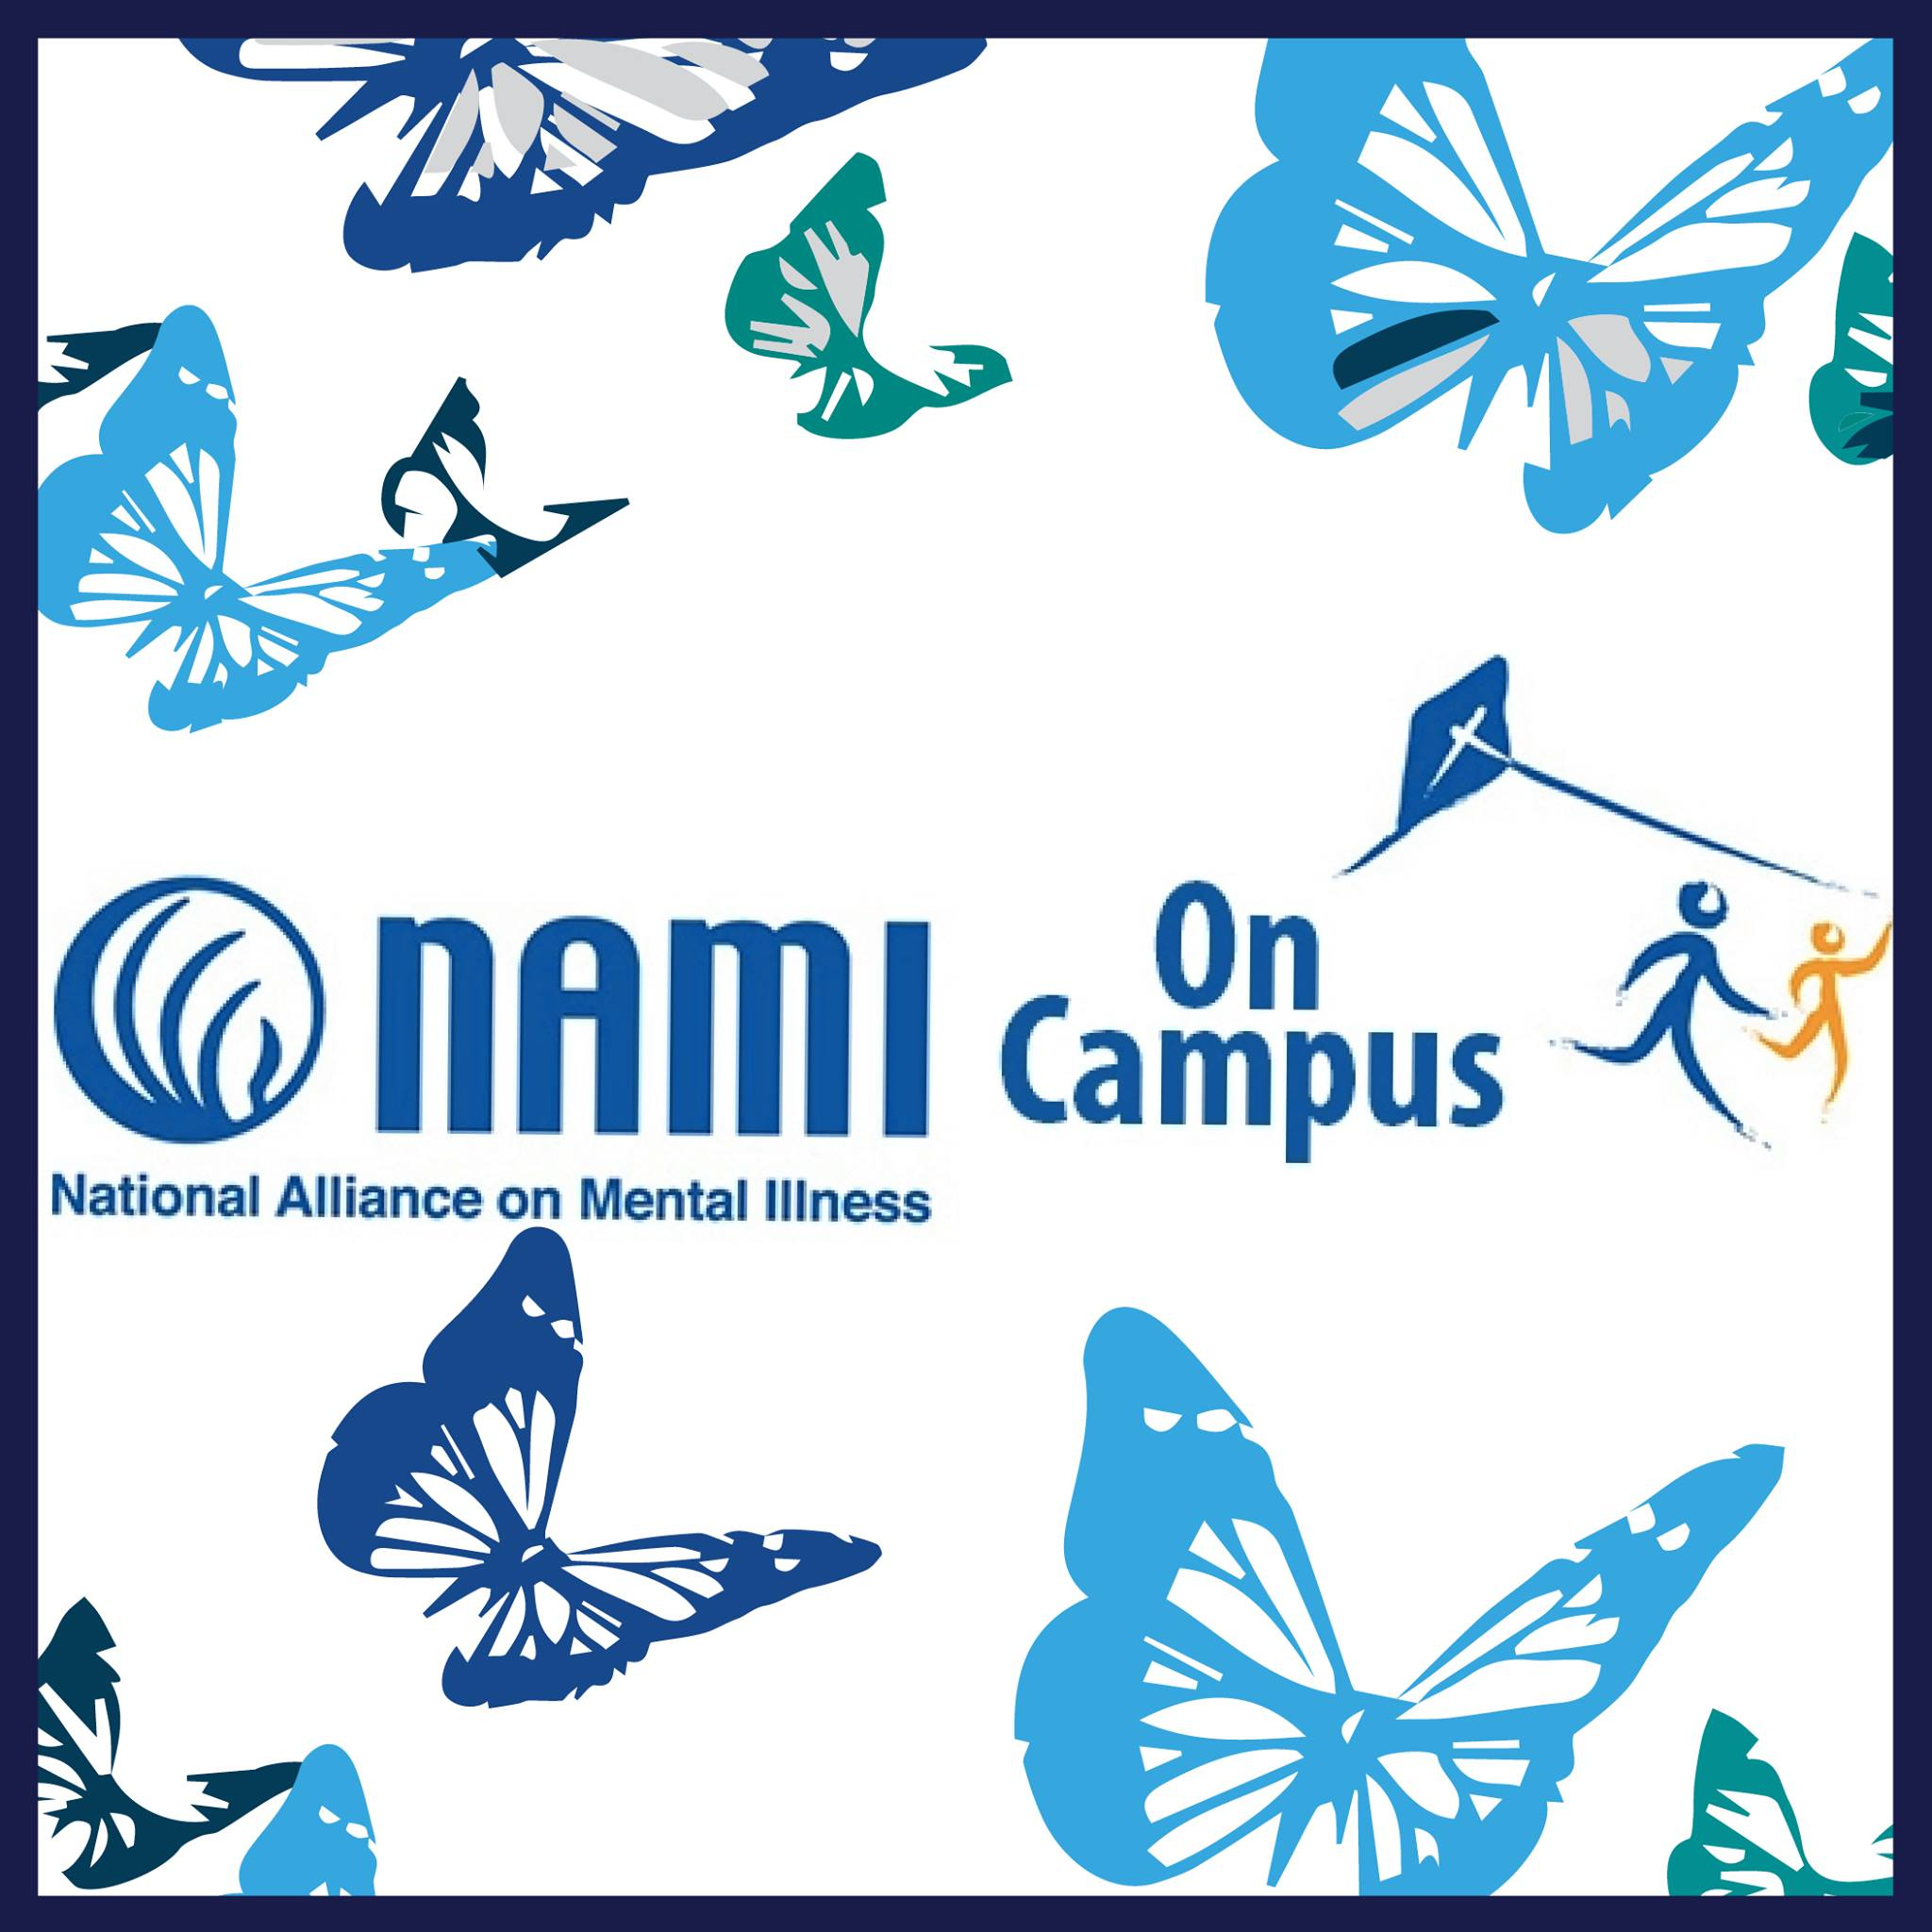 Image NAMI on Campus